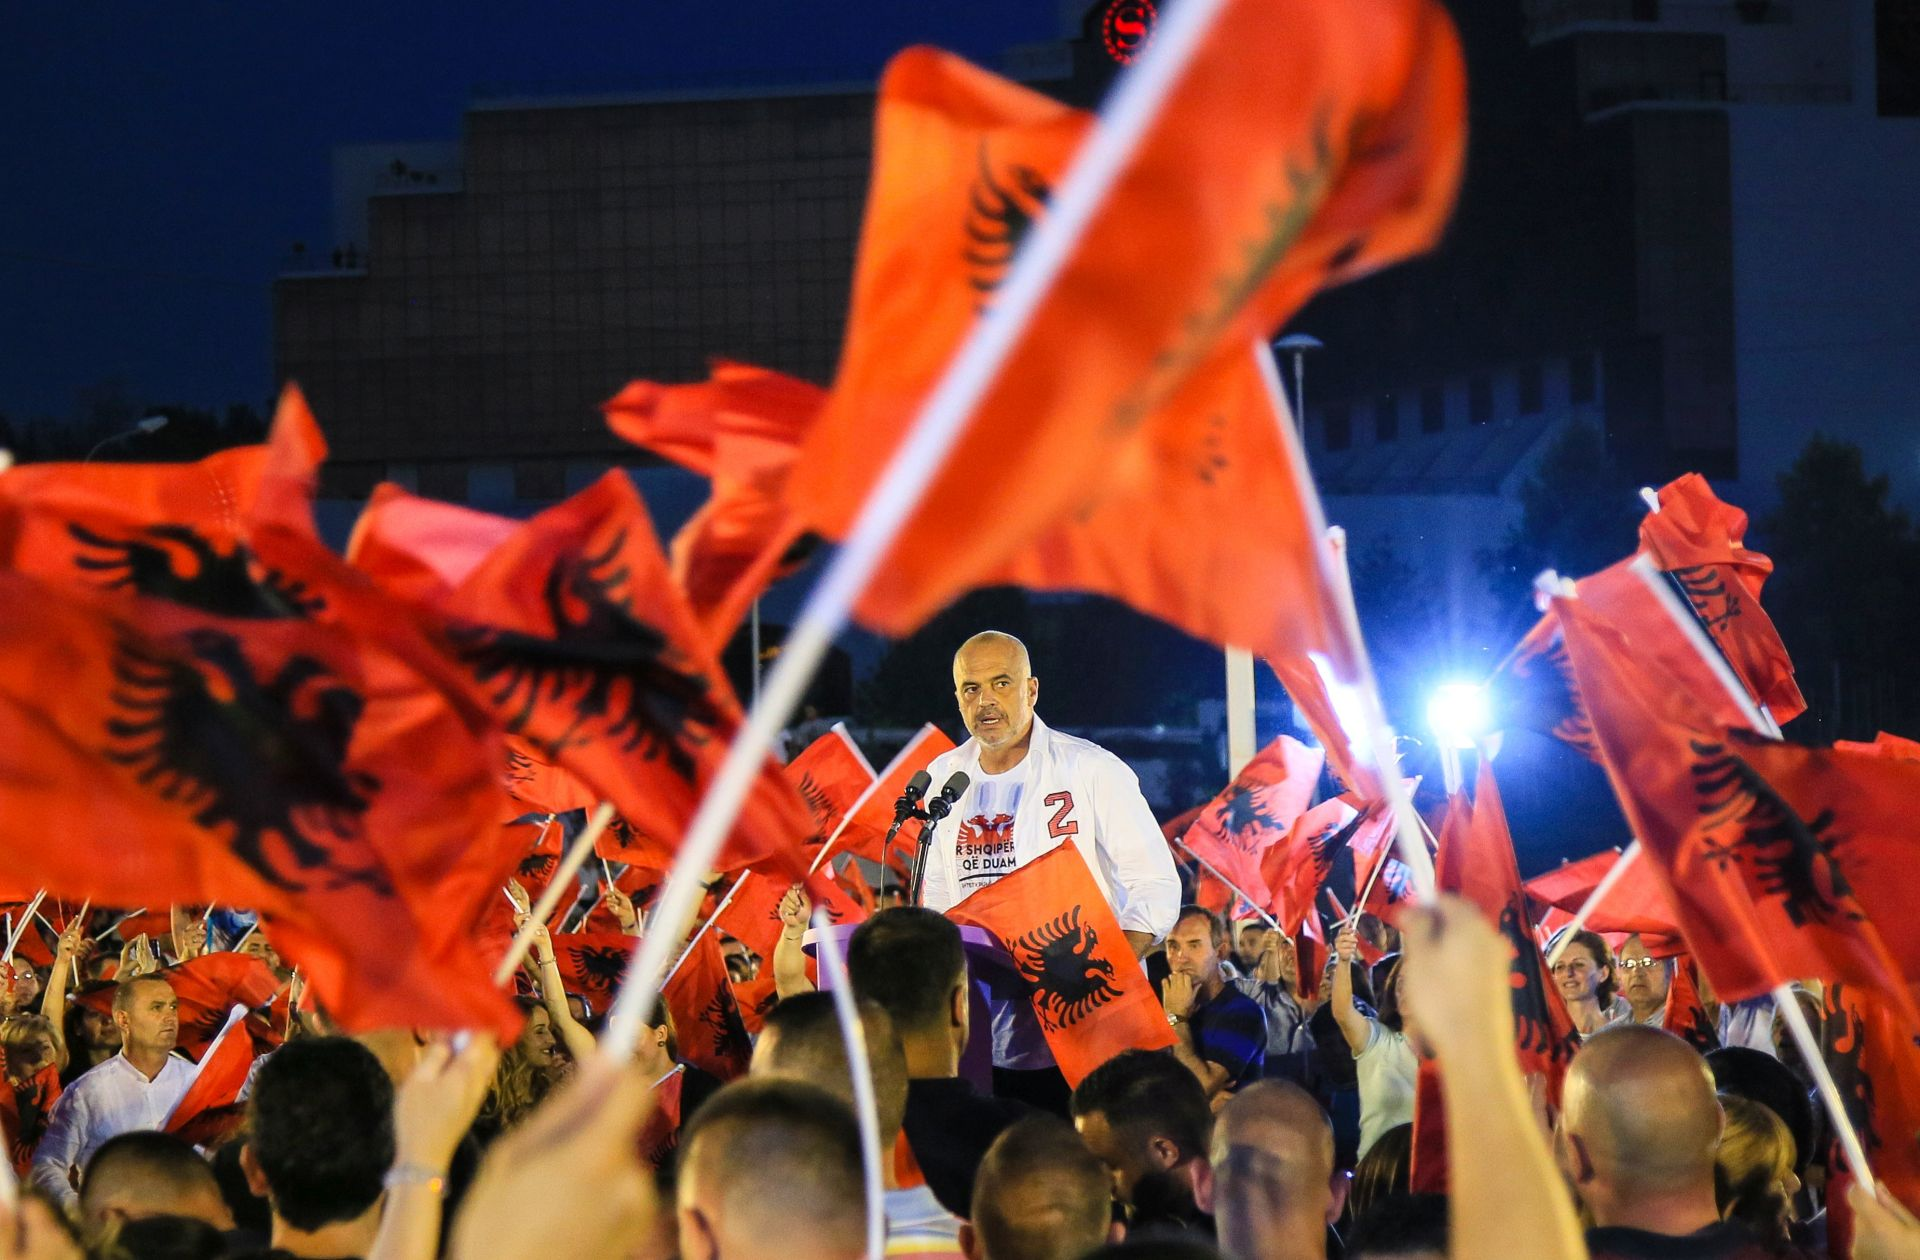 ALBANIJA Vladajući socijalisti pred izbornom pobjedom